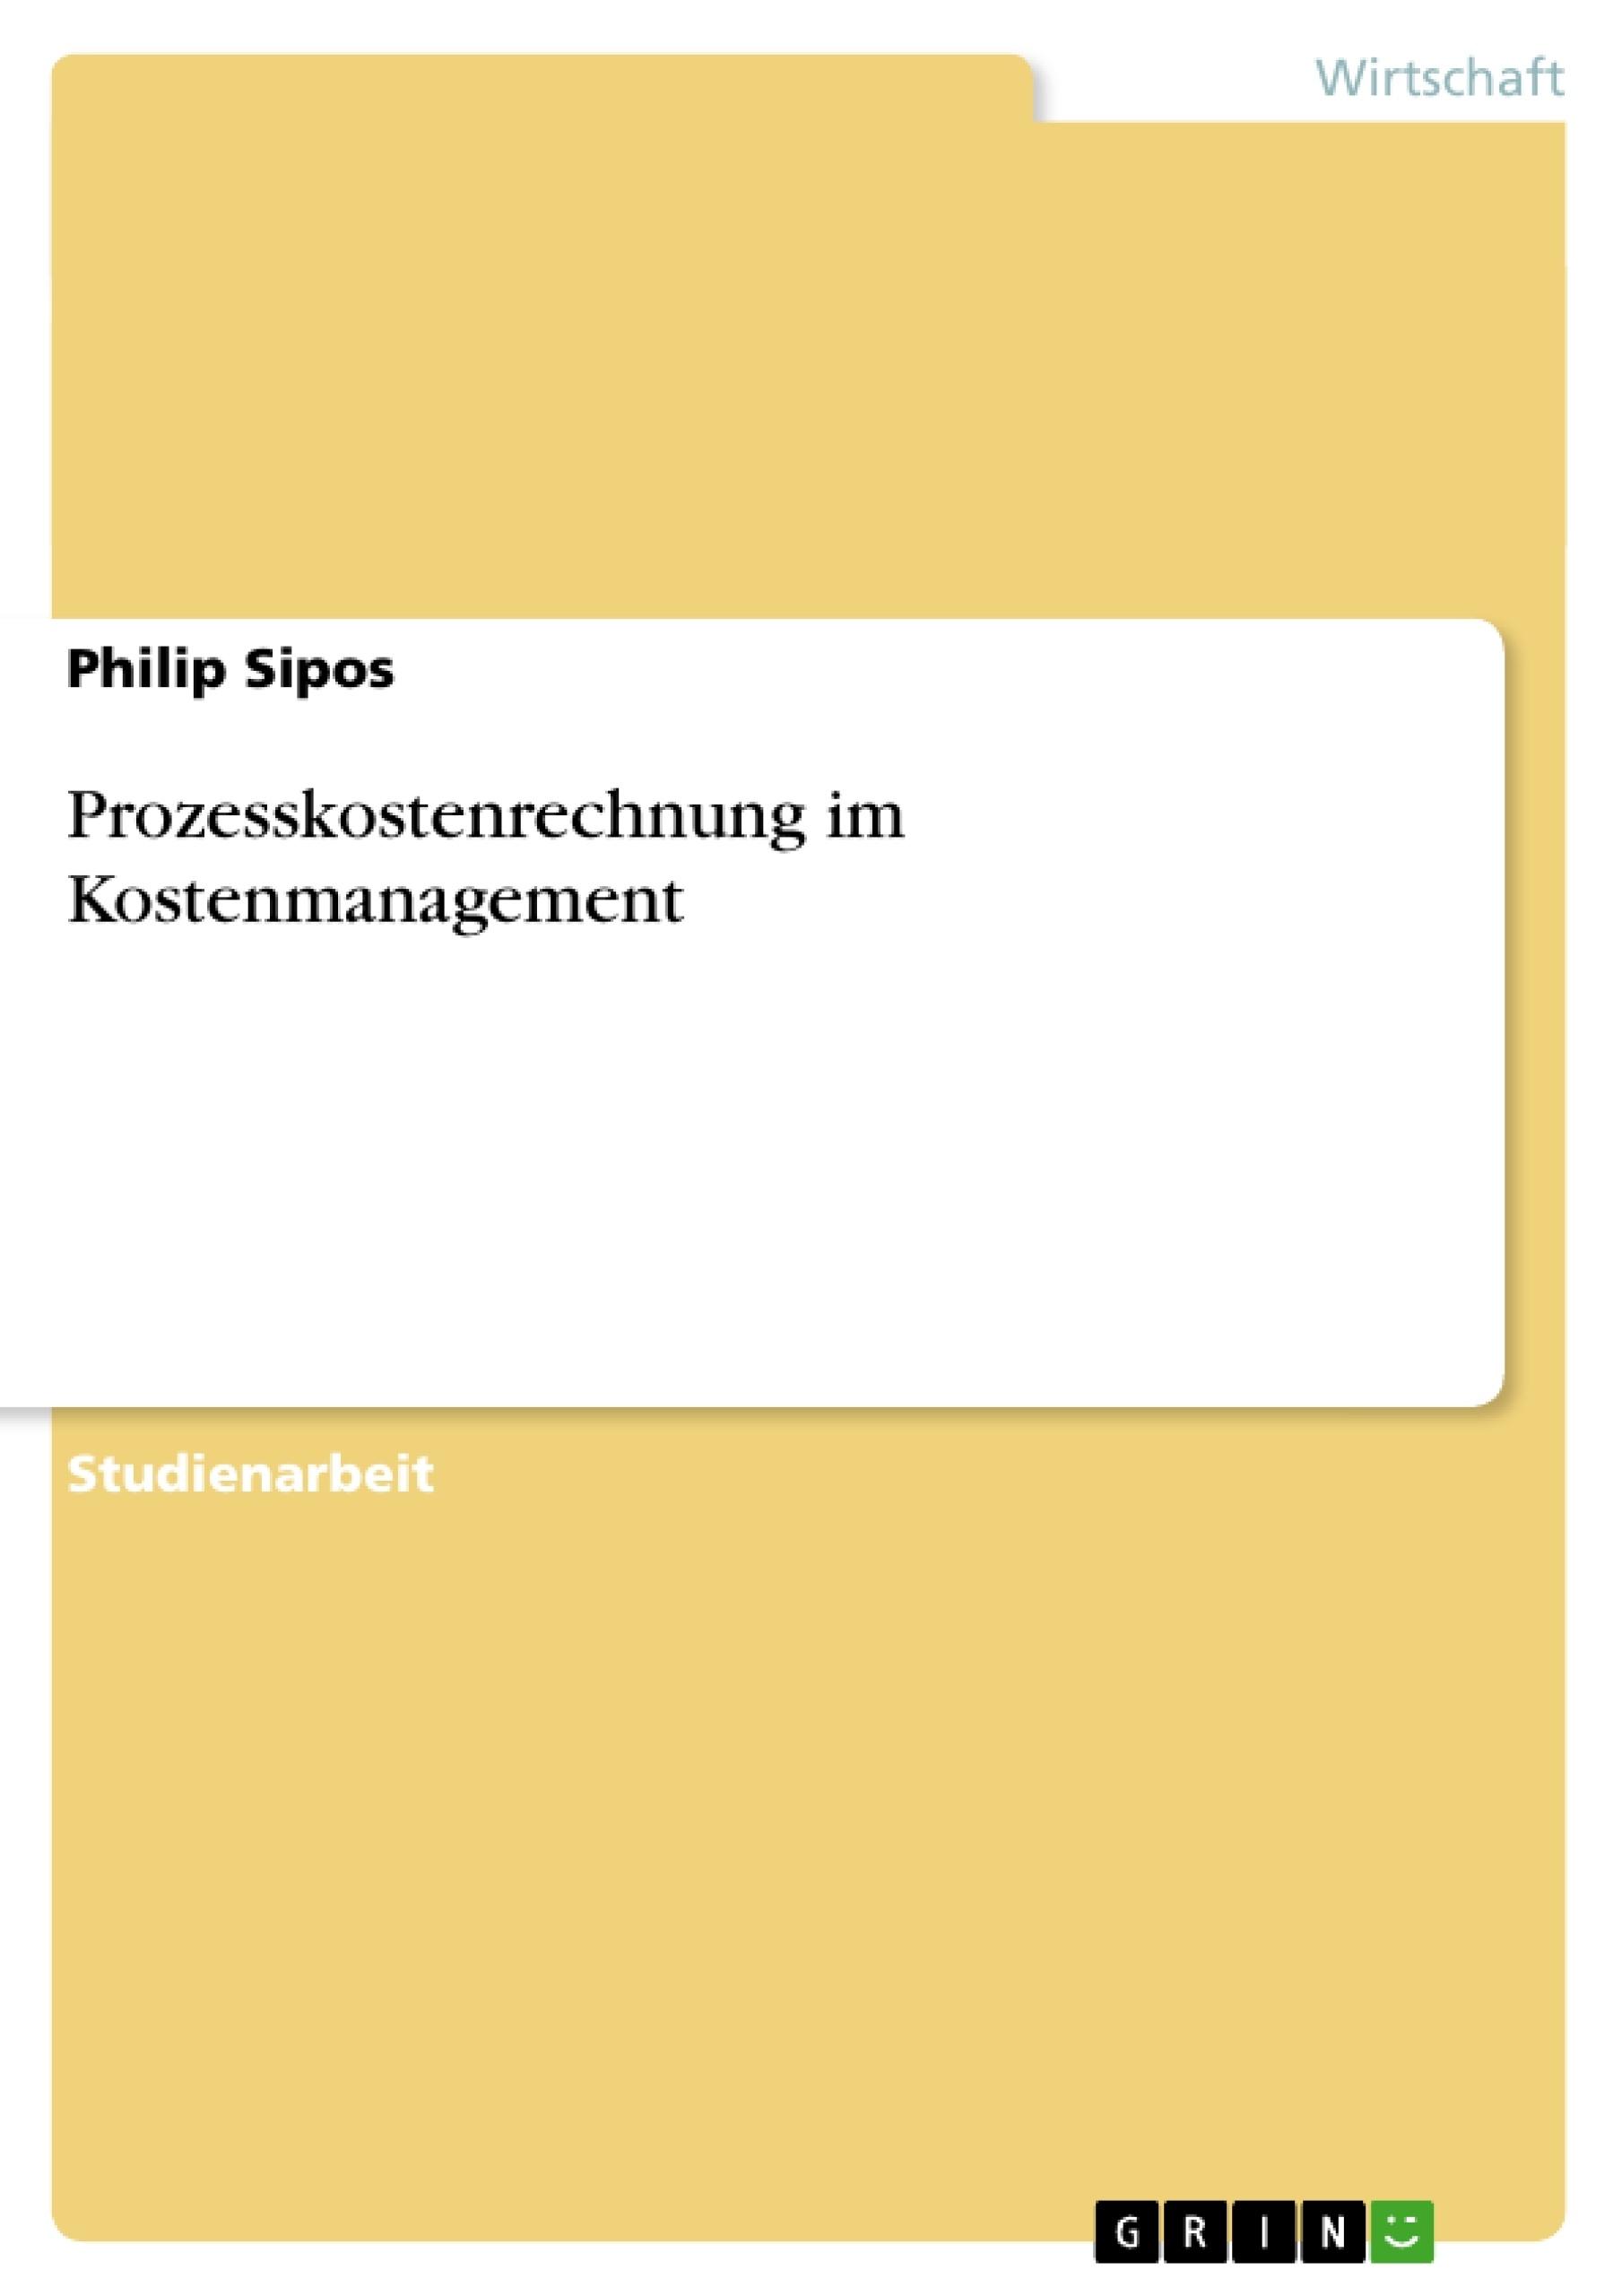 Titel: Prozesskostenrechnung im Kostenmanagement